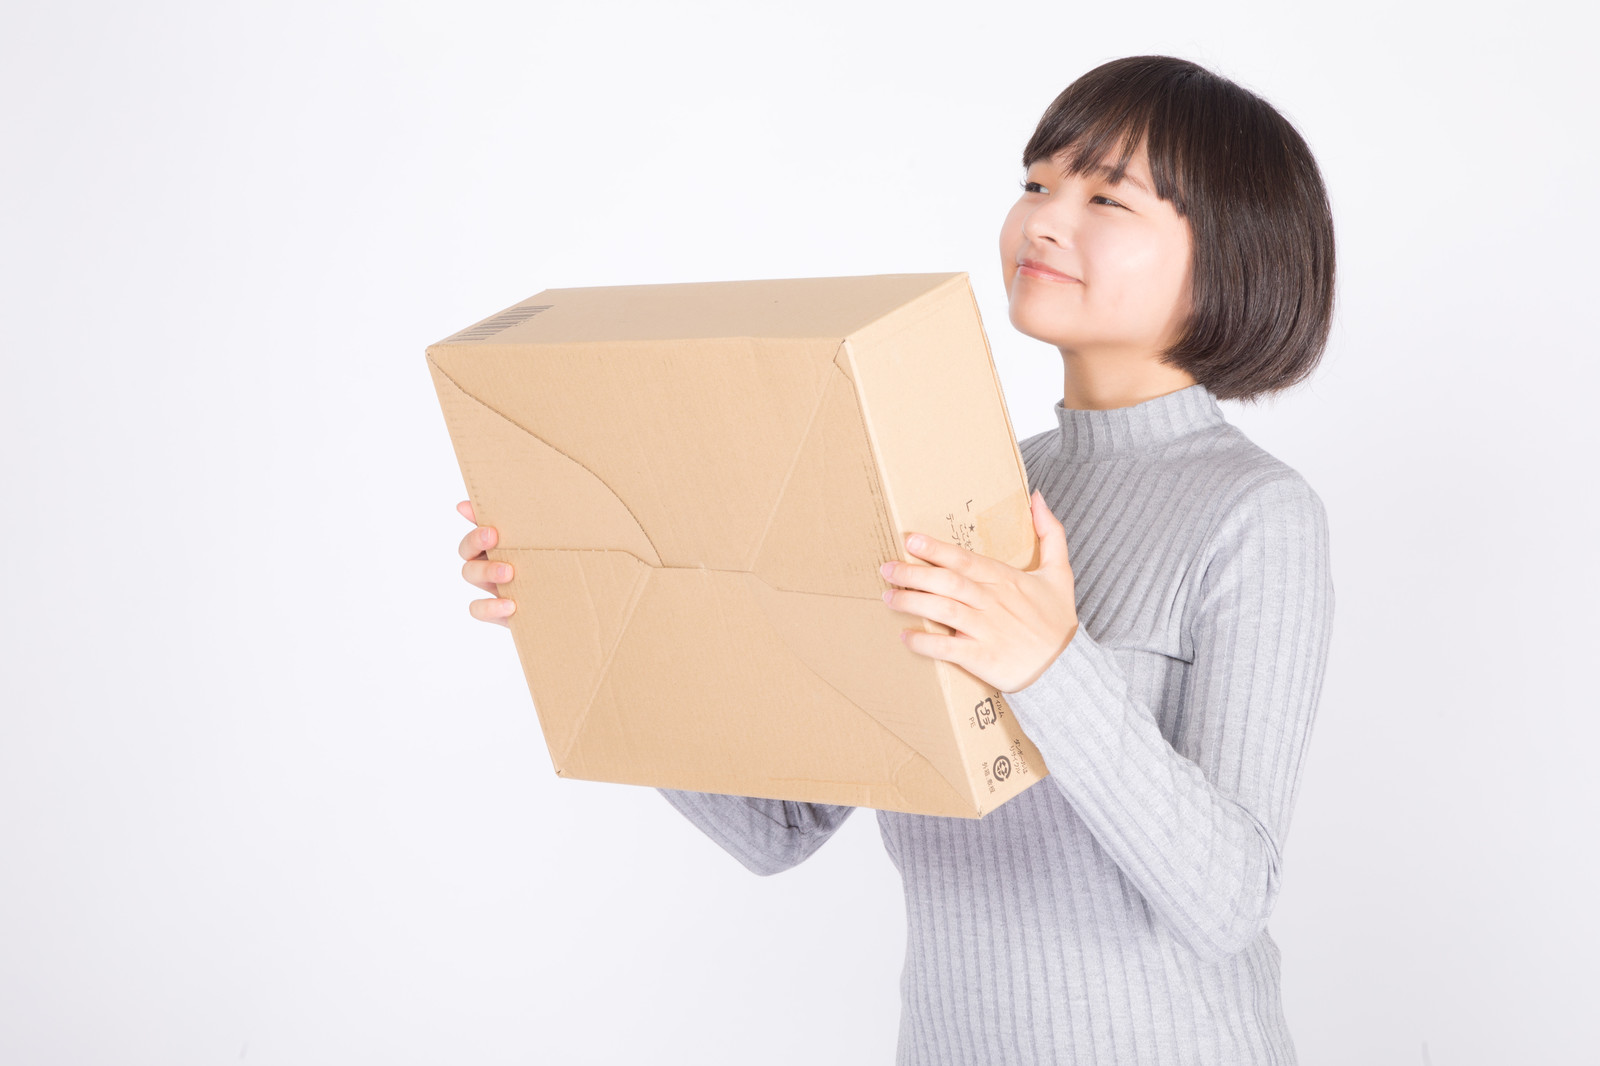 挿絵-荷物をもって微笑む女性